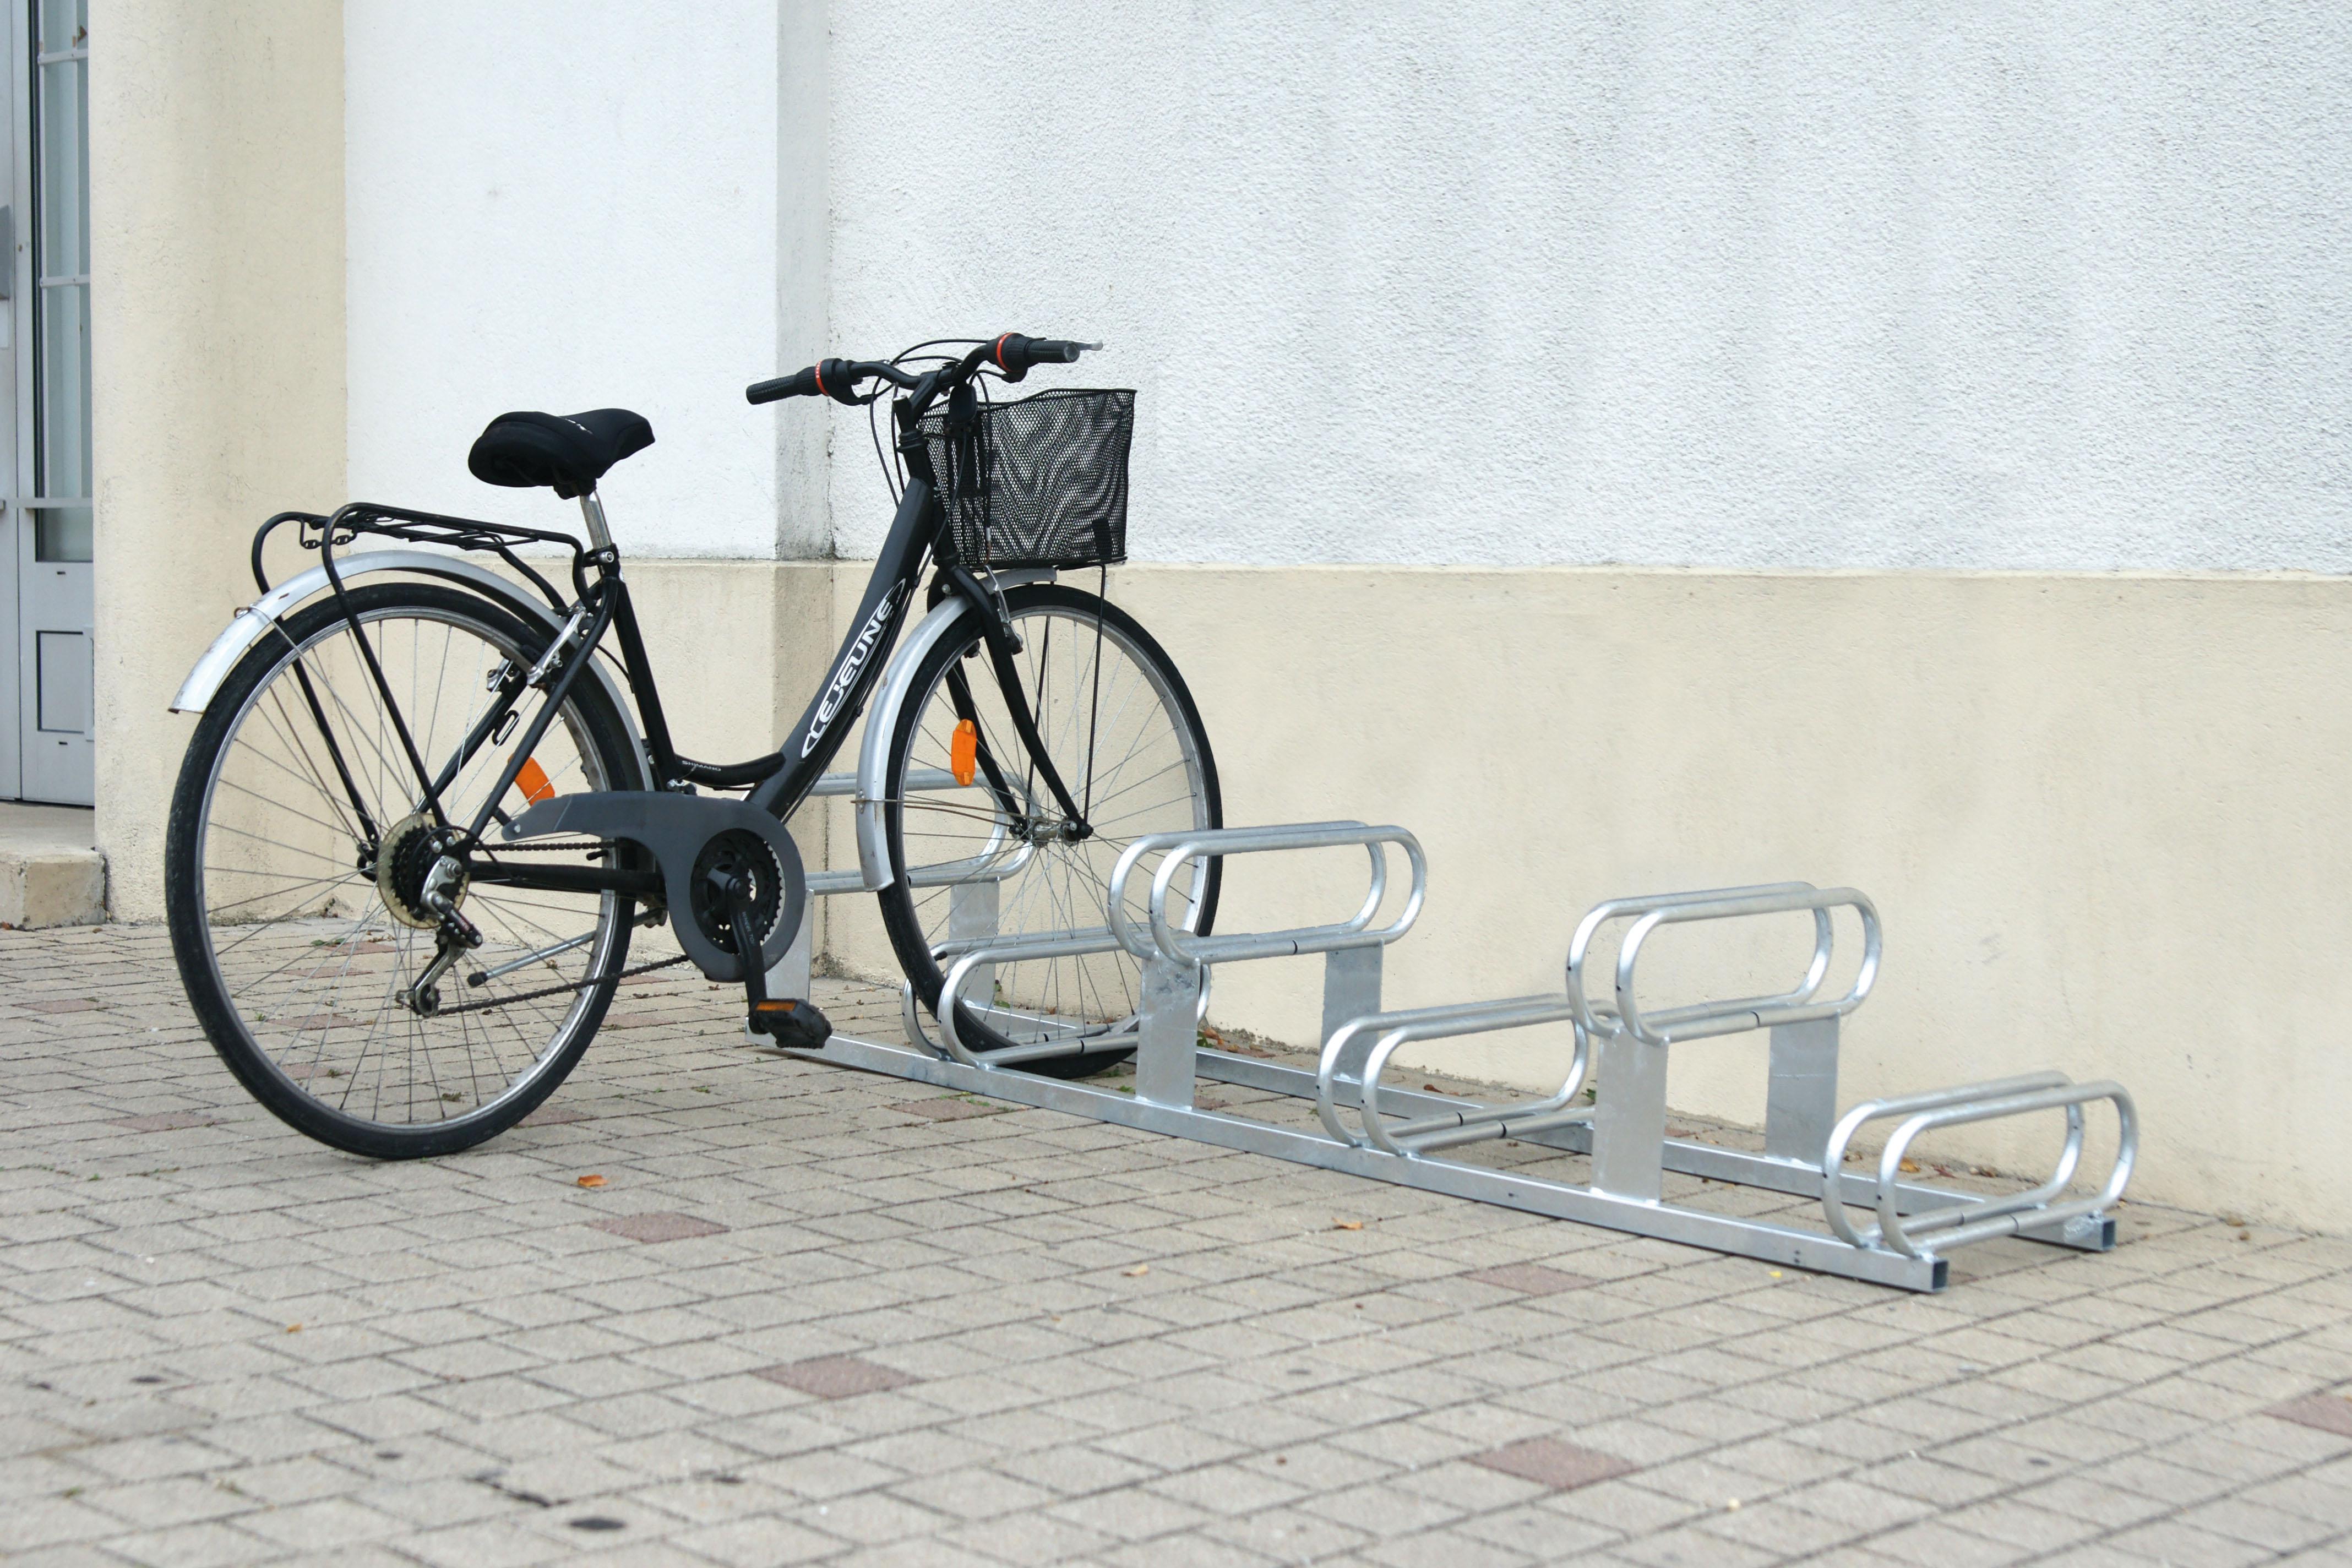 Fahrradständer | Höhenversetzte Plätze